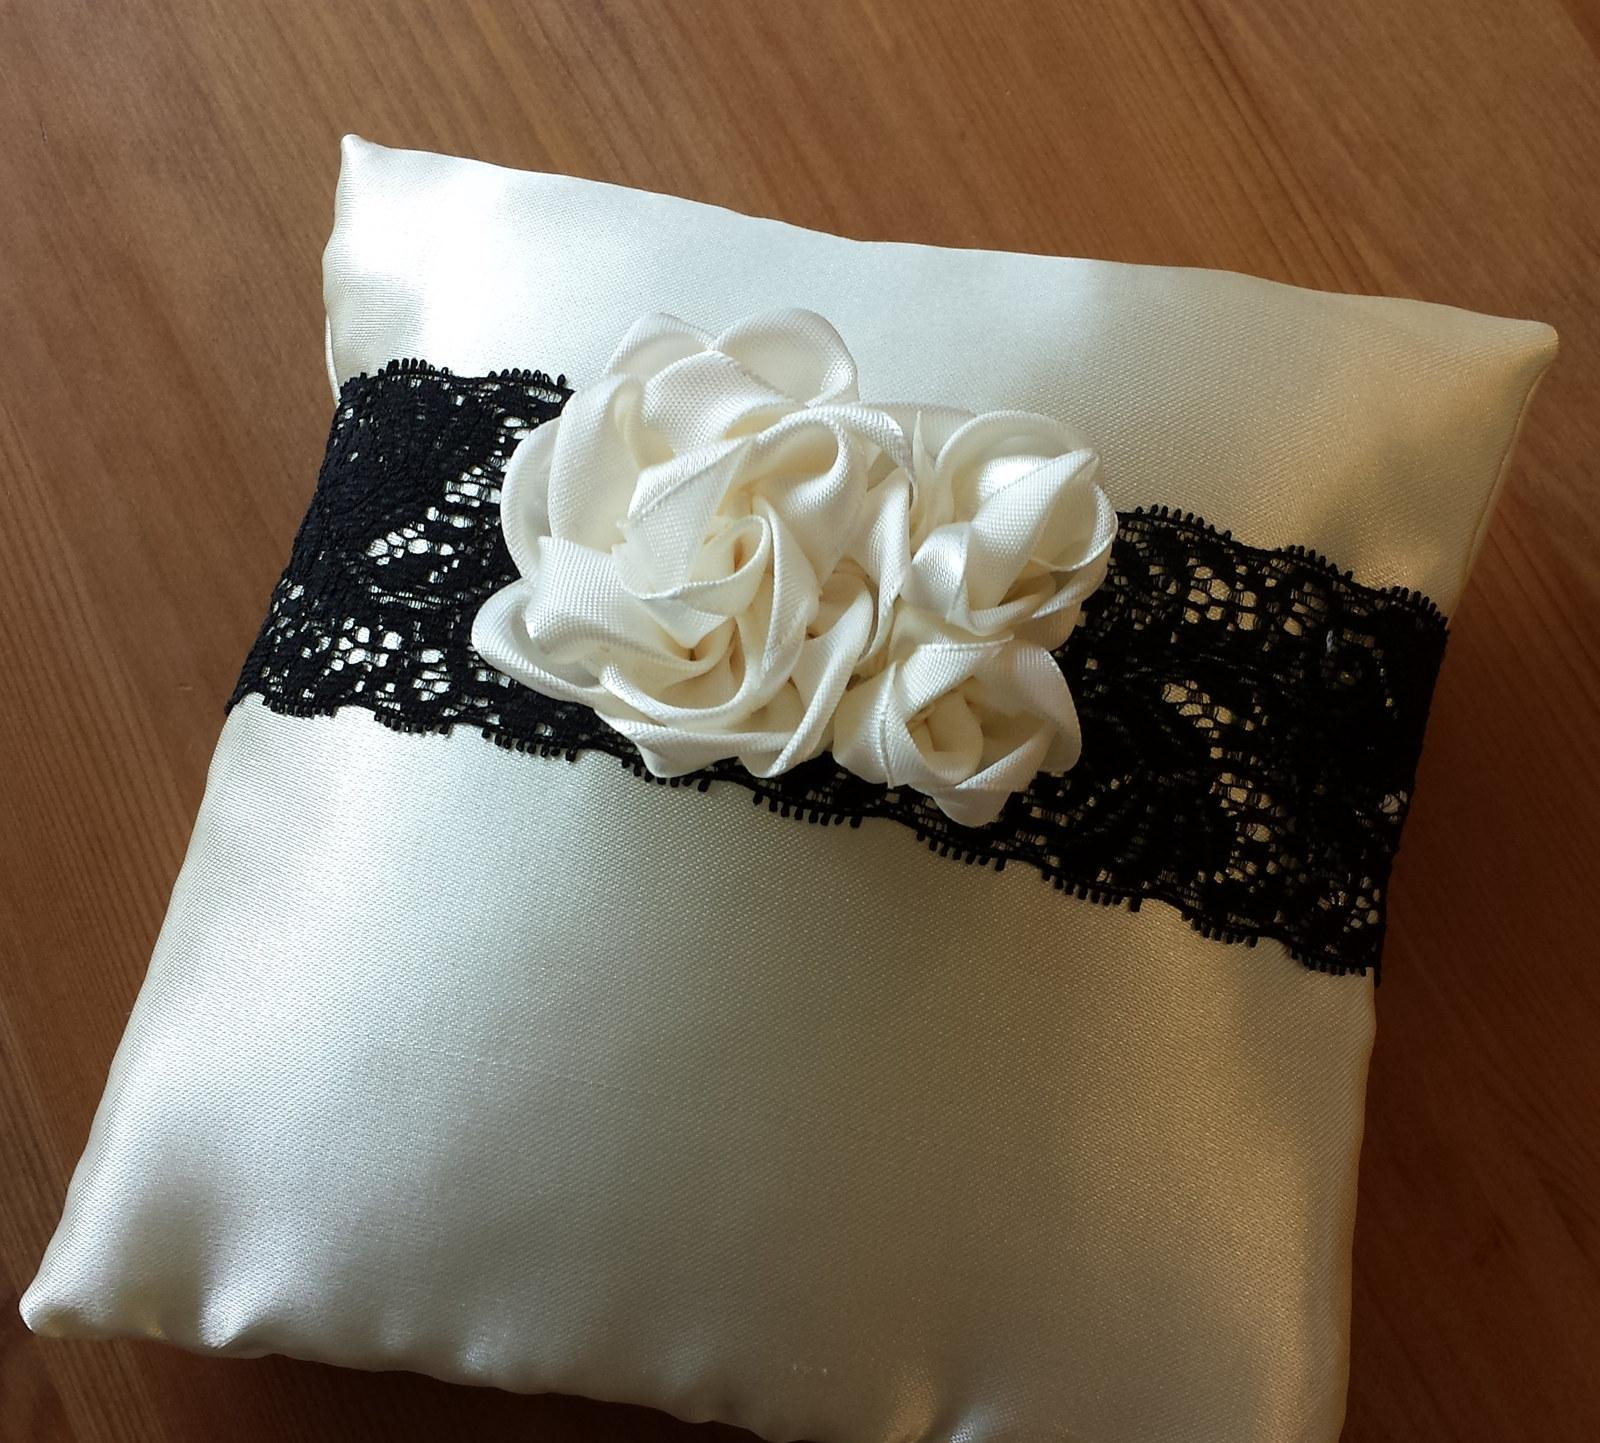 Black & Ivory & White polštářek se 3 kvítky - Obrázek č. 1